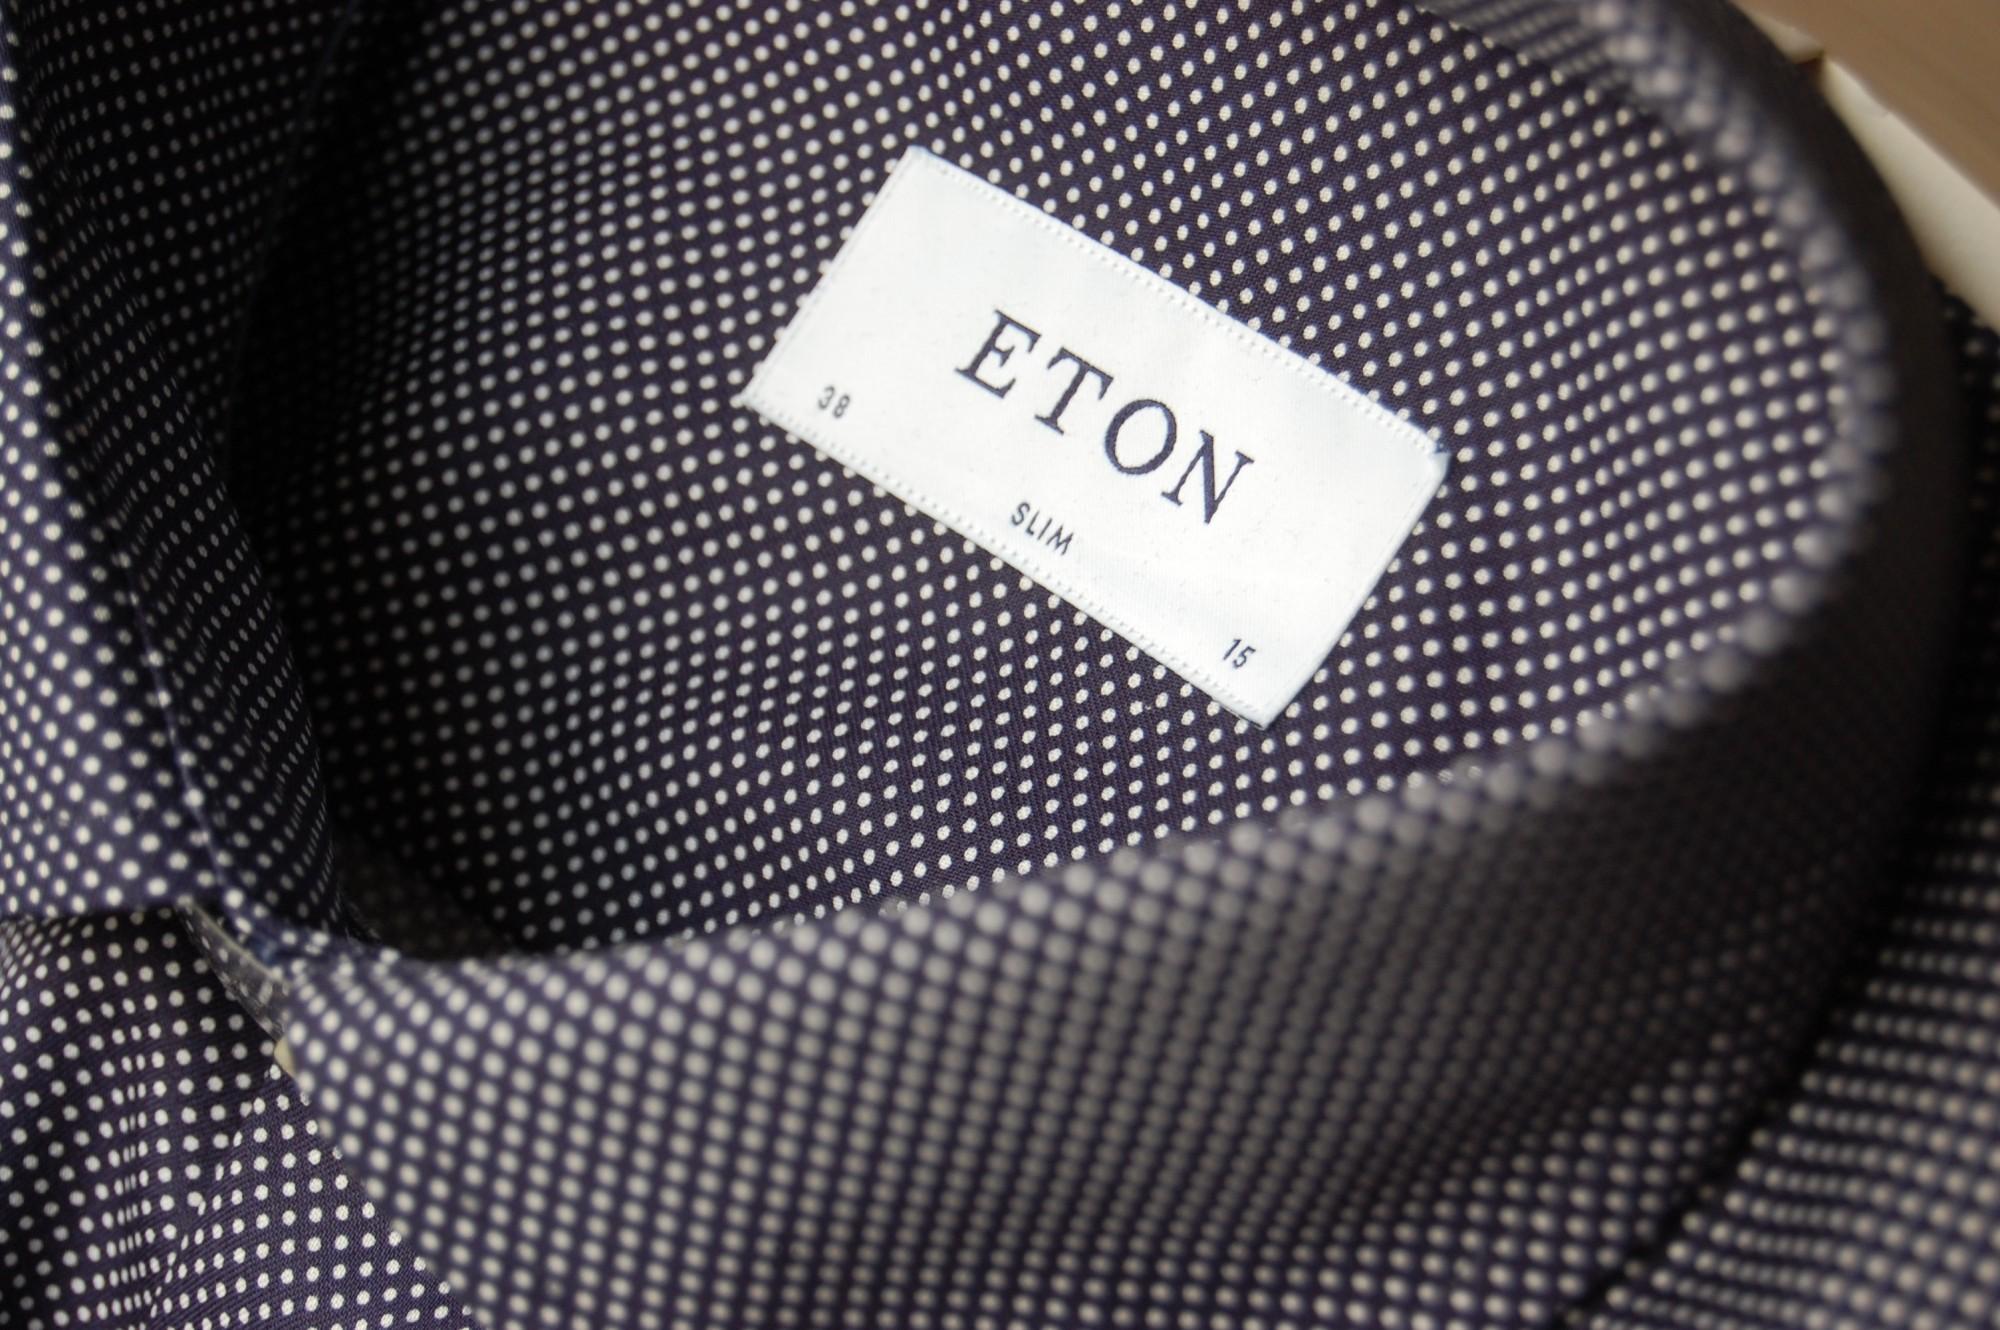 Eton overhemden.com